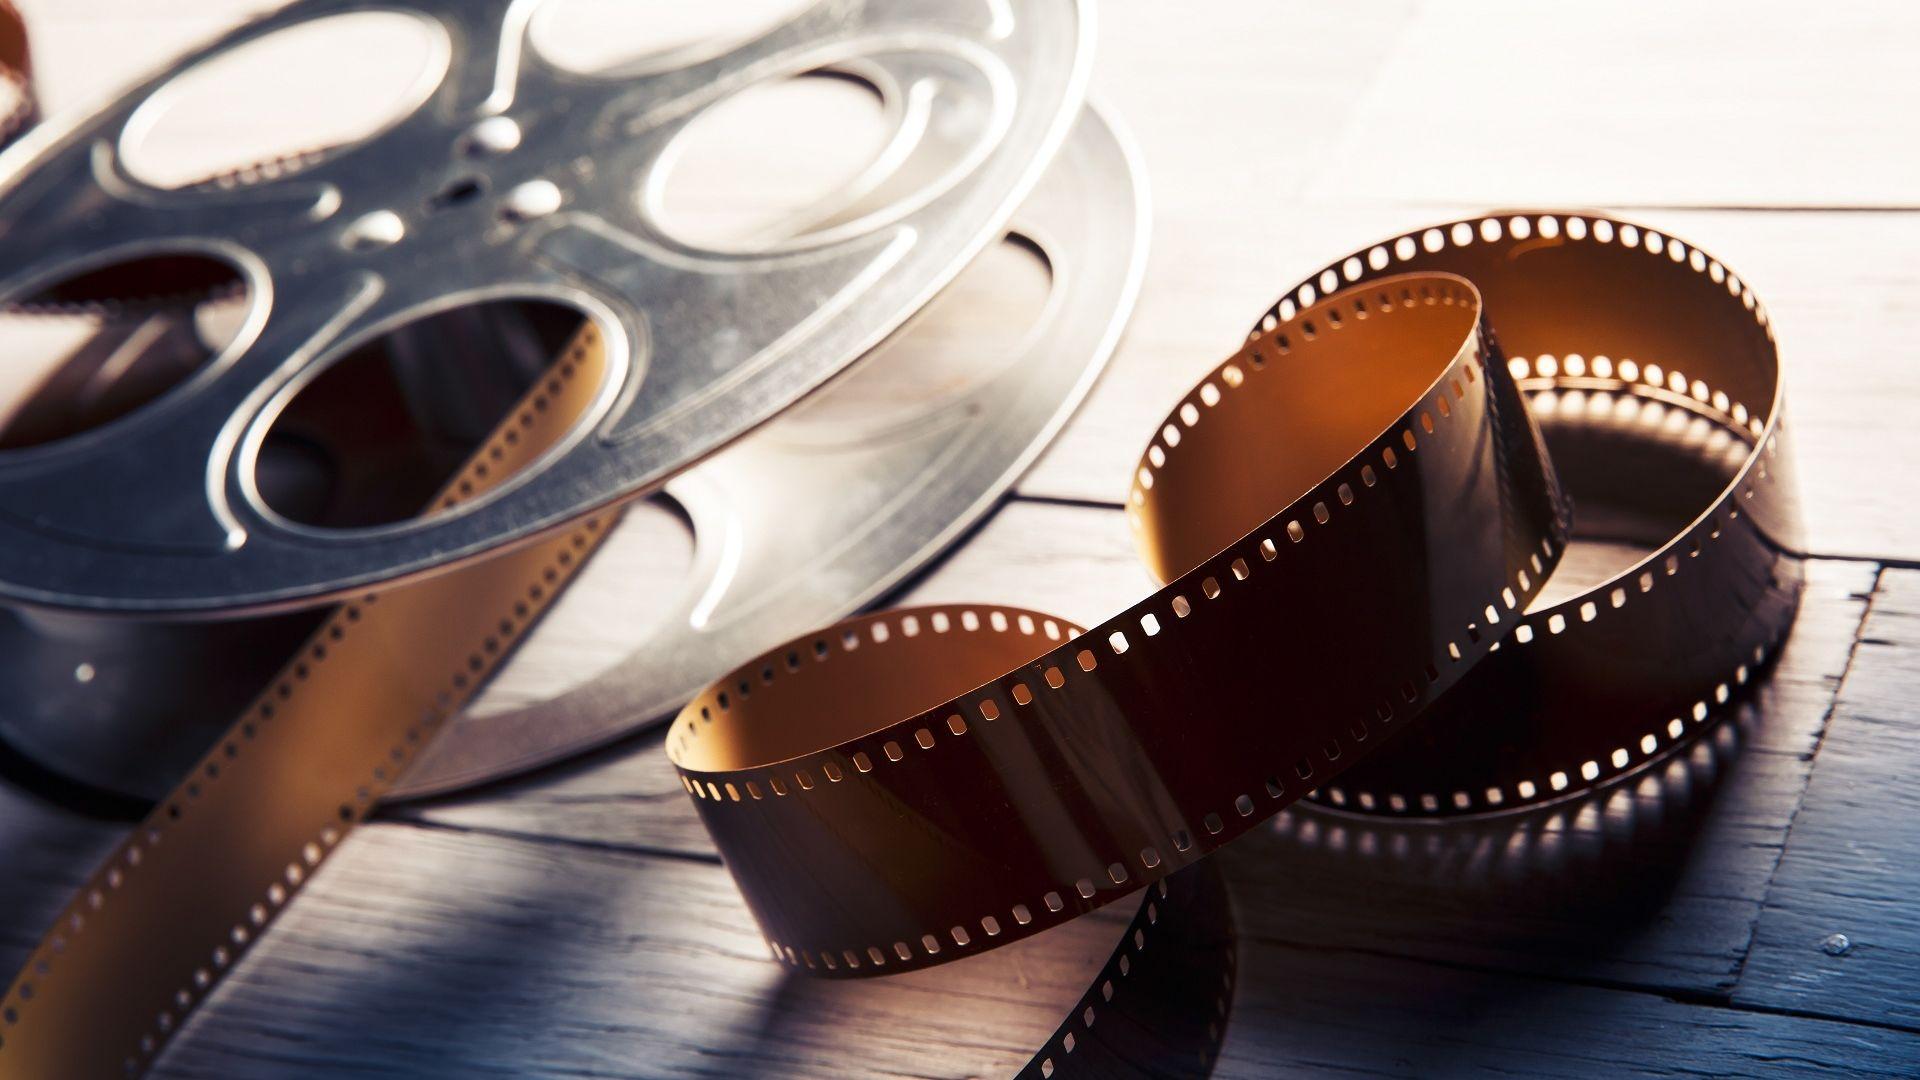 Abertas inscrições para bolsas de mestrado em cinema na Europa